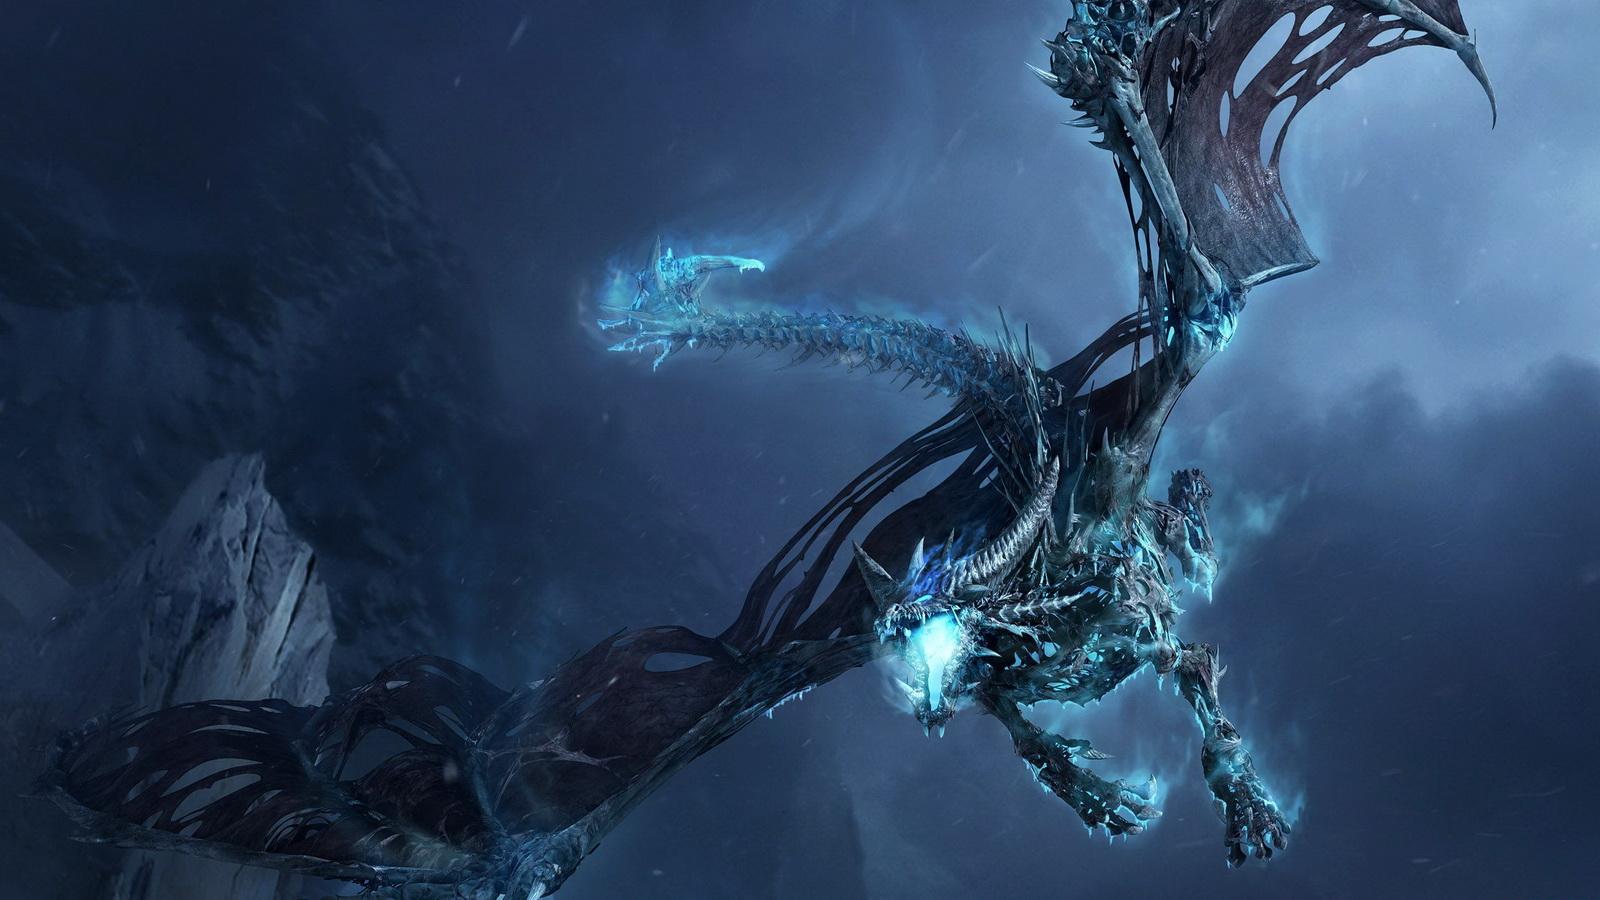 求大神发给我一张魔兽世界的冰霜巨龙的桌面壁纸 1600